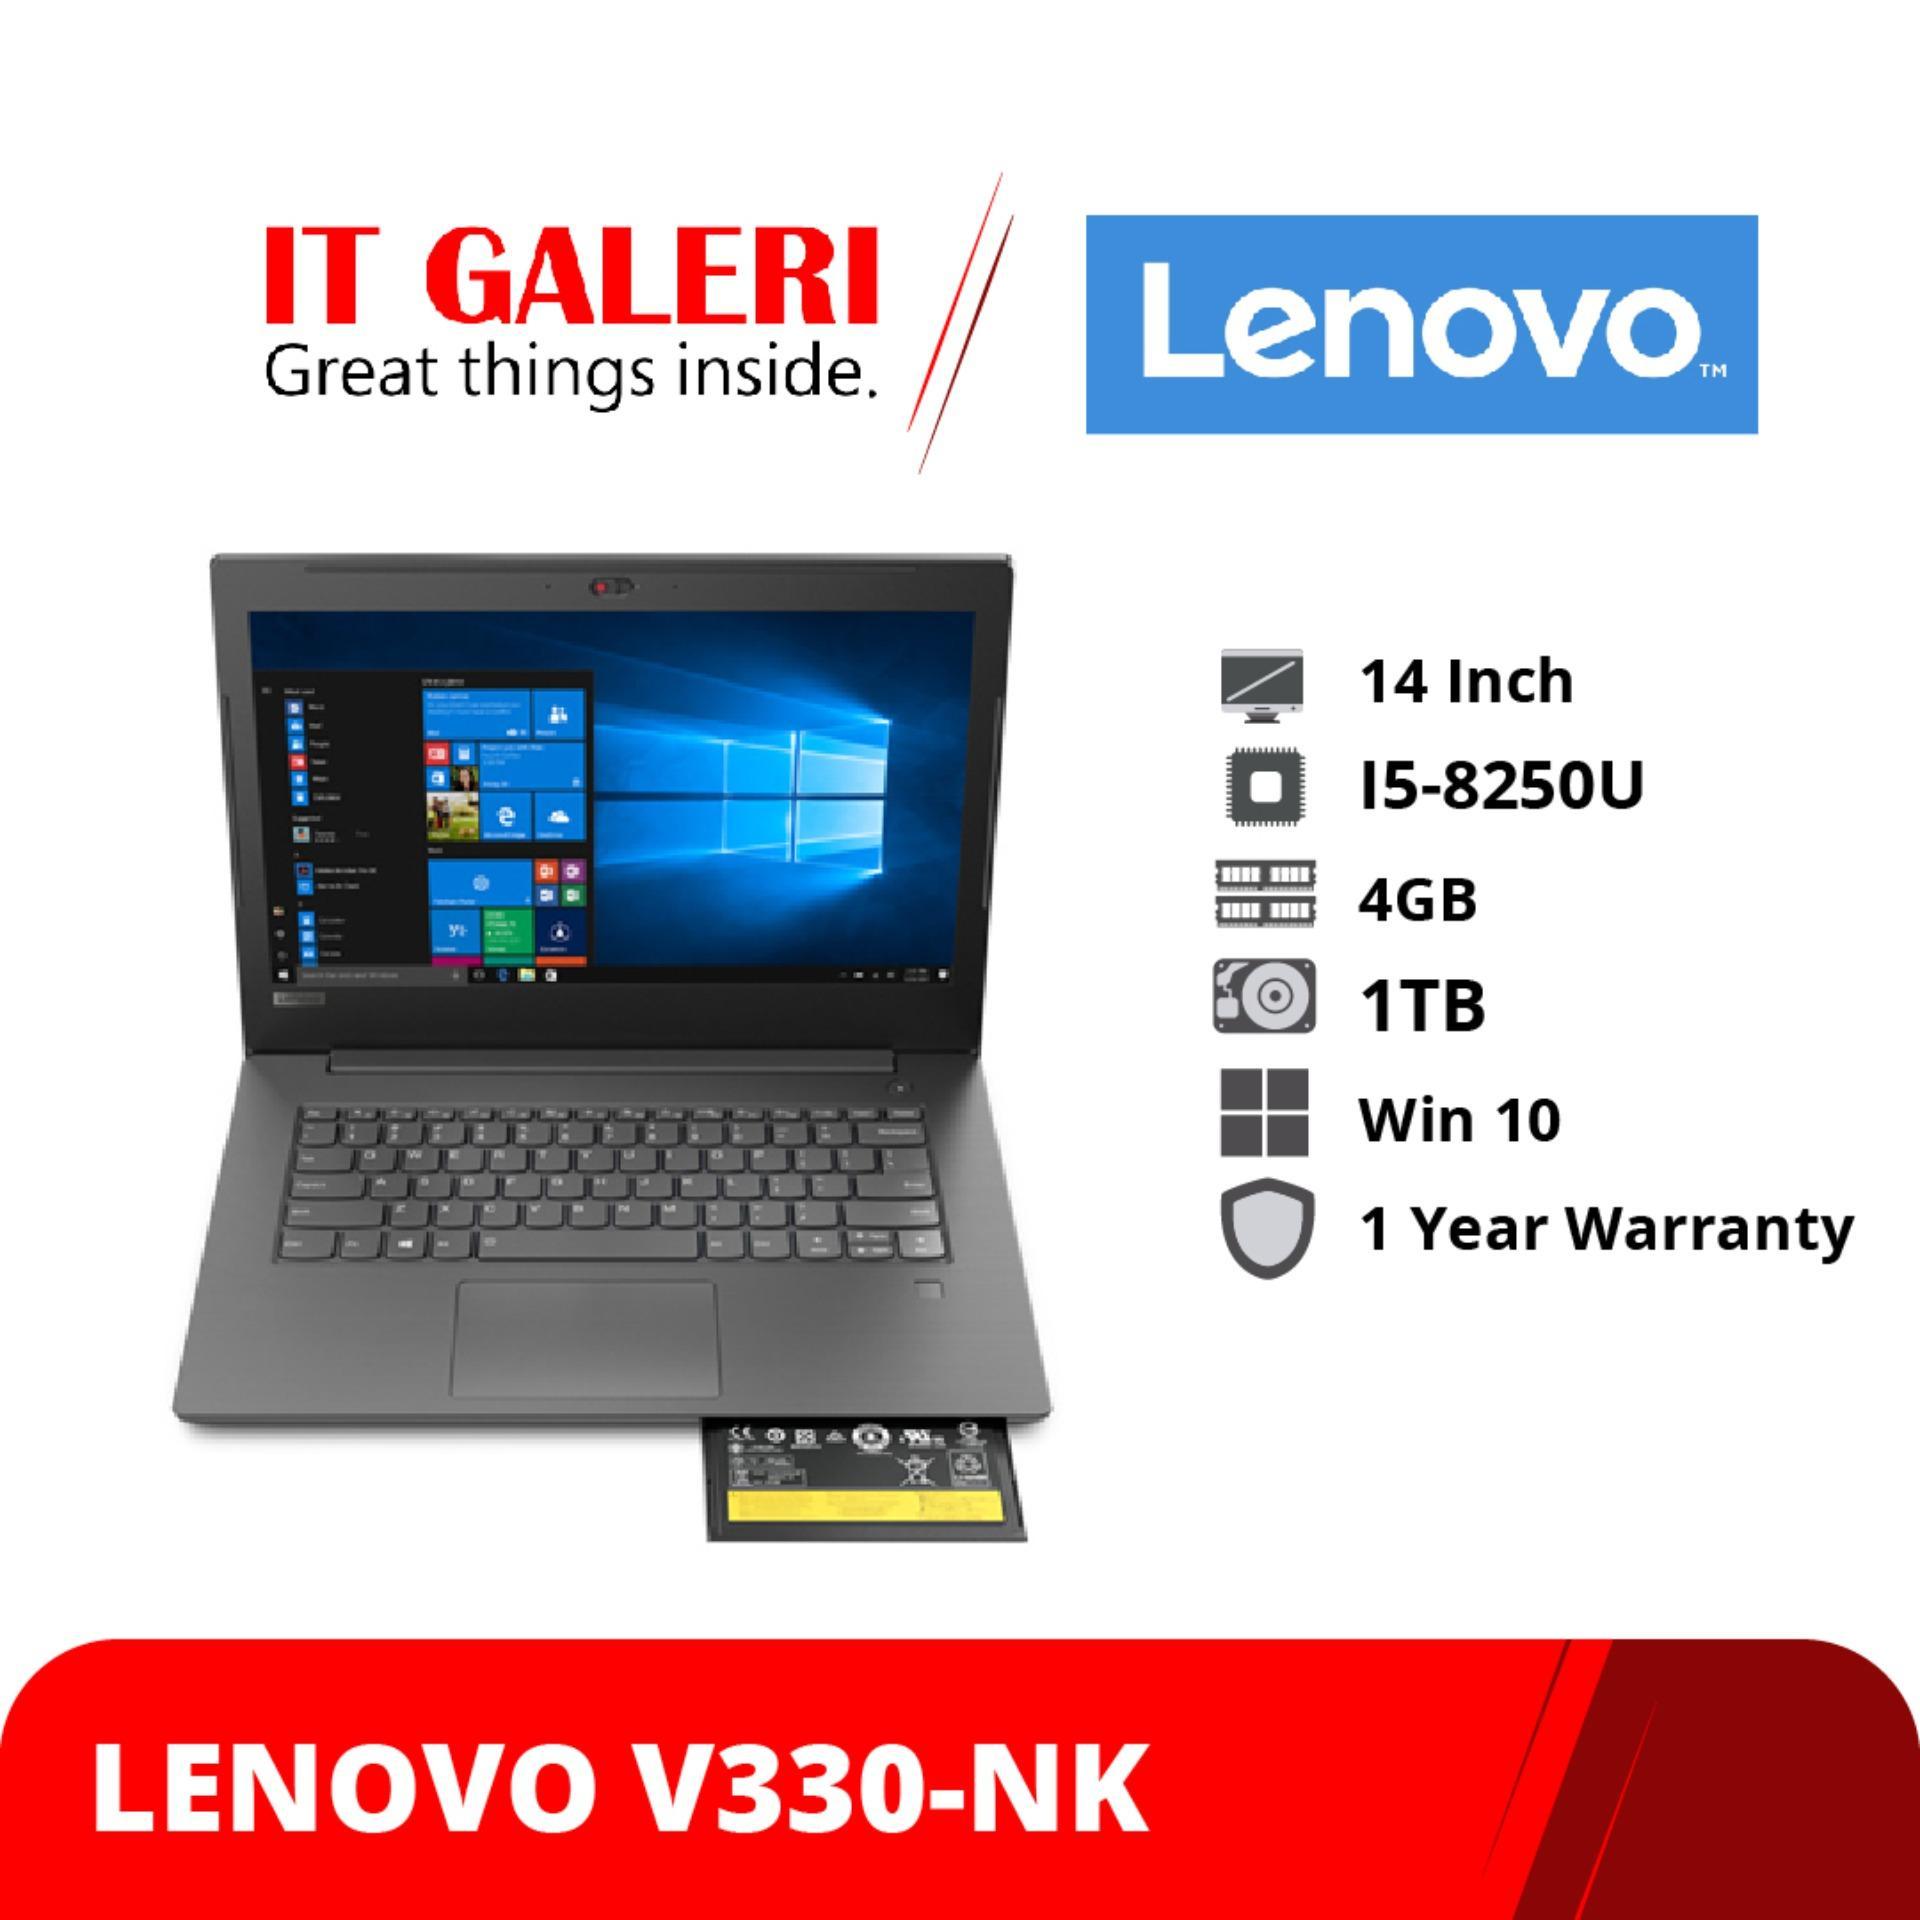 Lenovo V330-NKID - Ci5-8250U - 4GB - 1TB - AMD Radeon 530 - 14